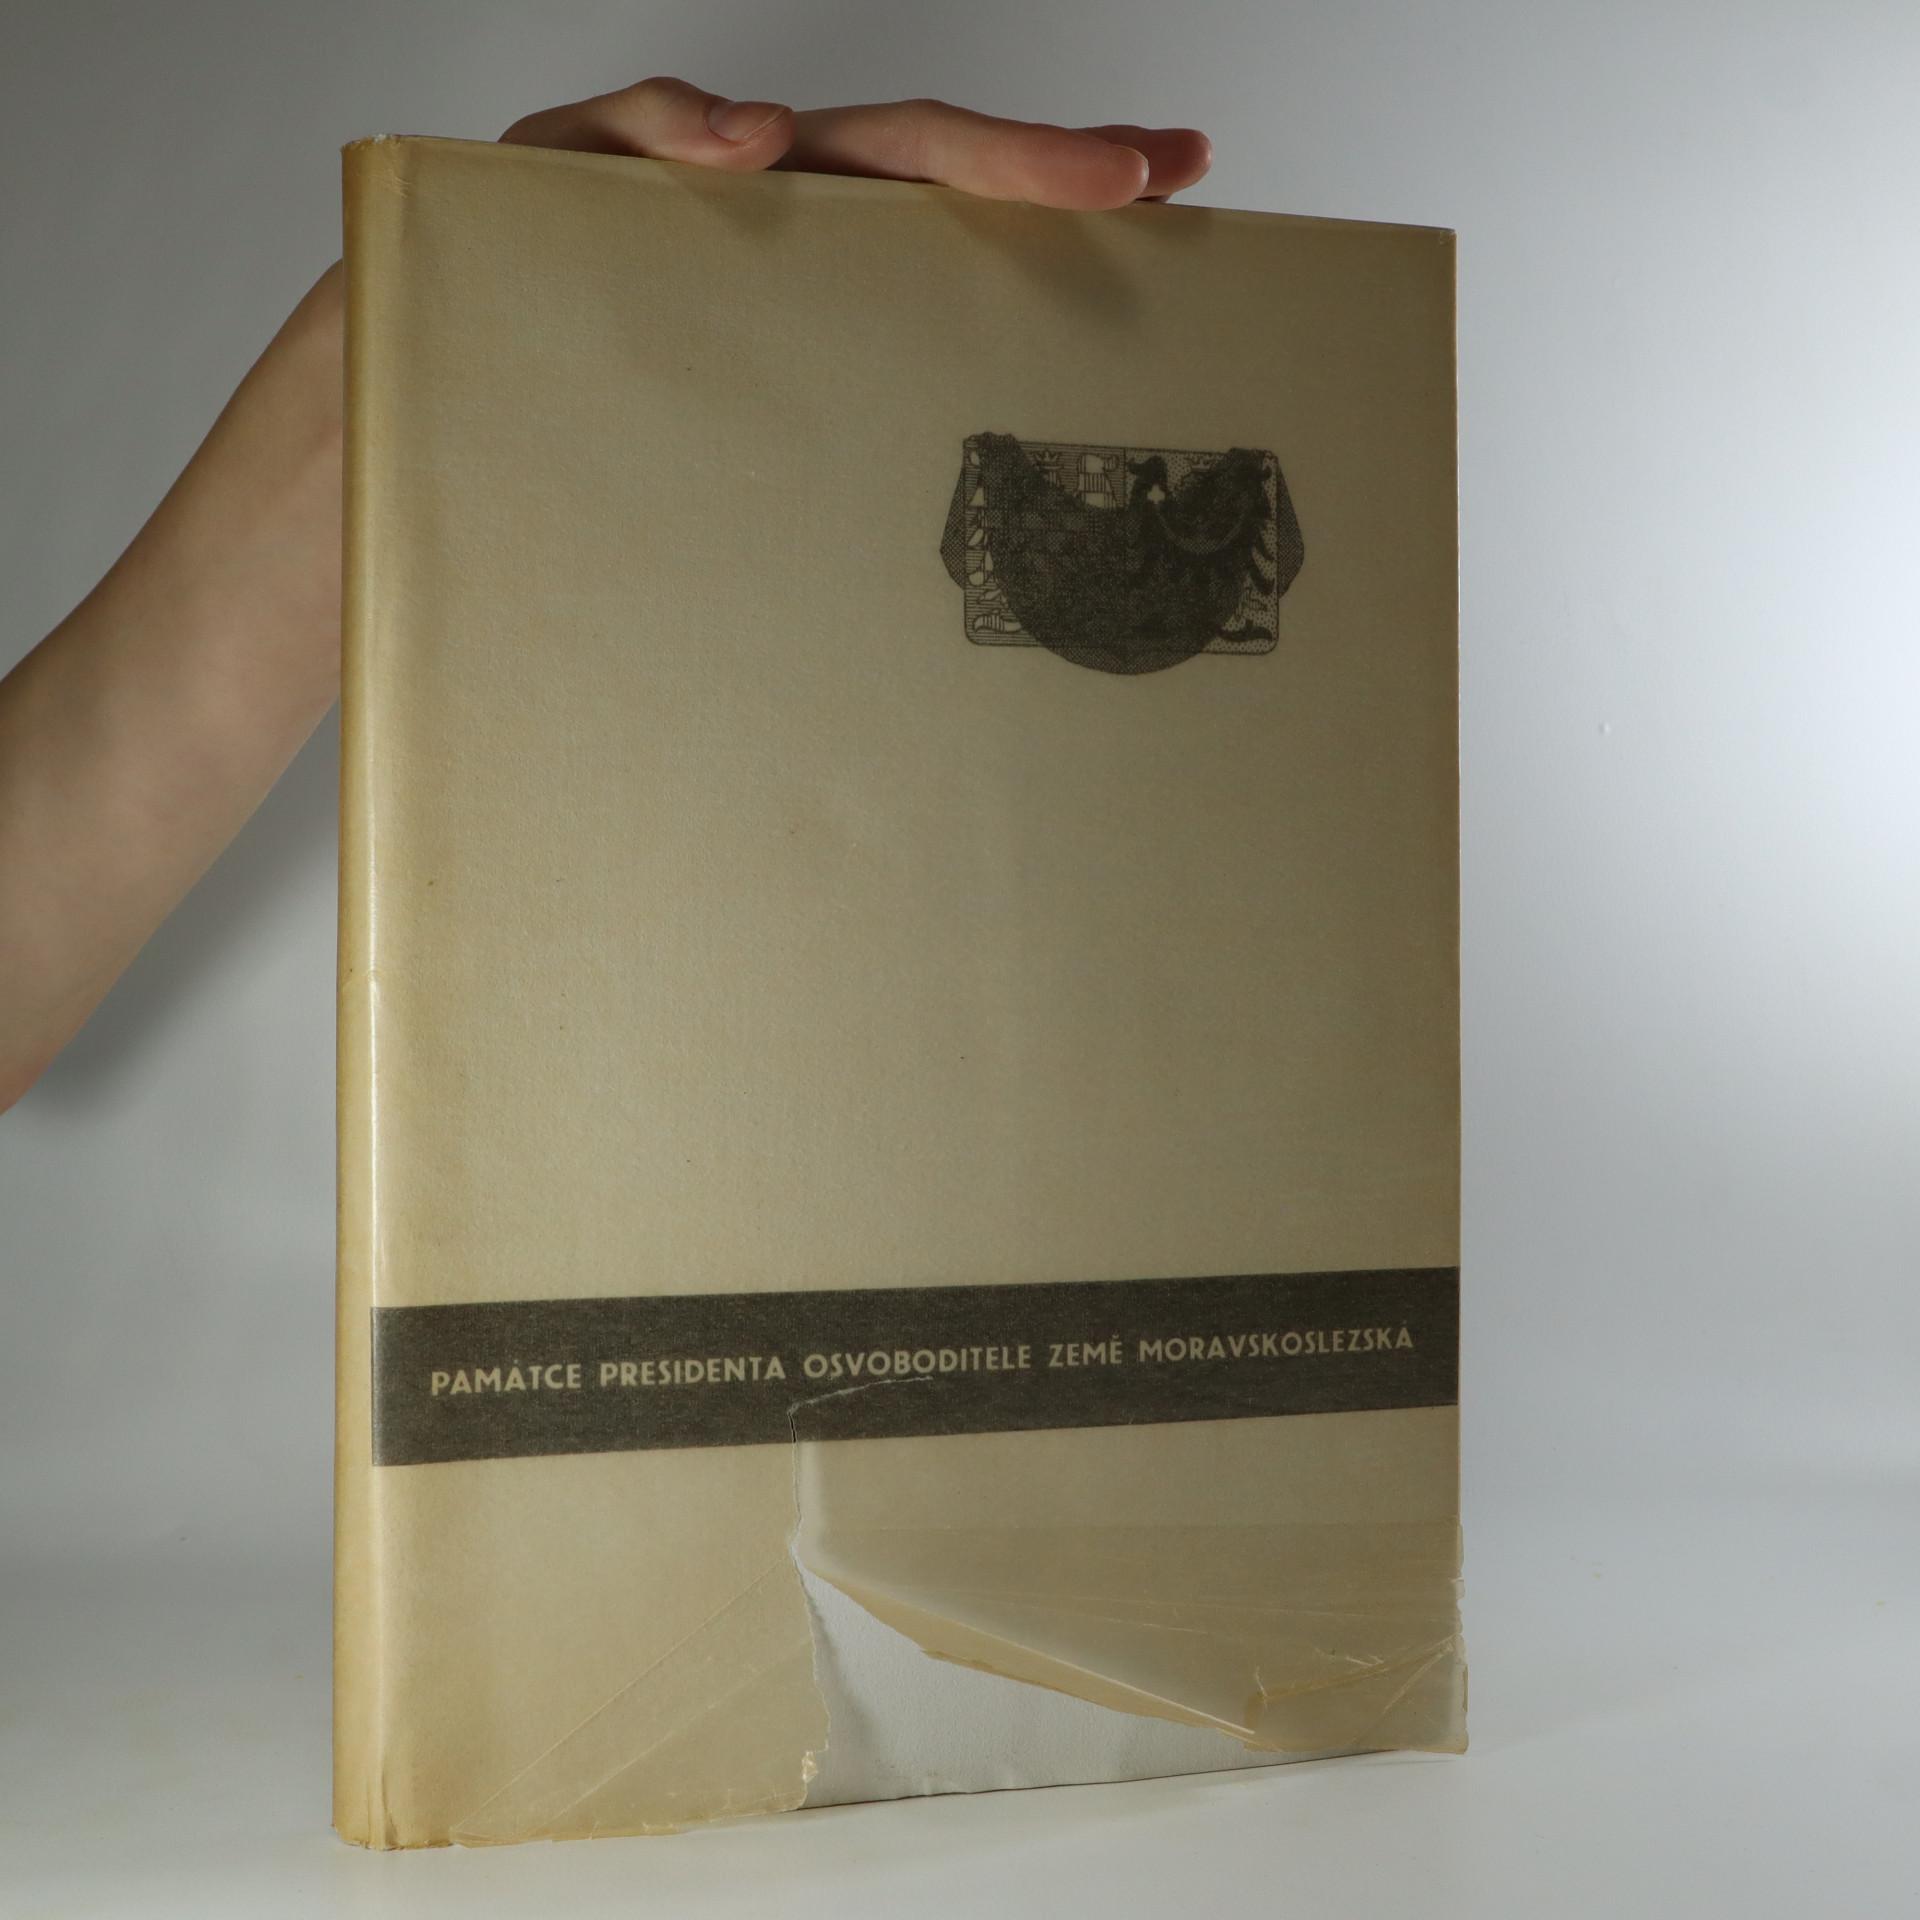 antikvární kniha Památce presidenta Osvoboditele: země moravskoslezská (je cítit zatuchlinou), 1937